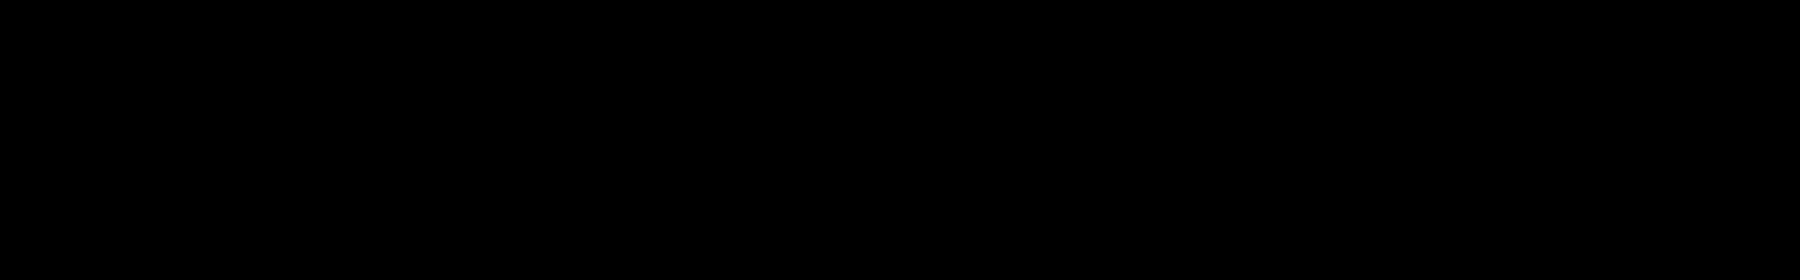 Imaginate Element Series - Verre audio waveform